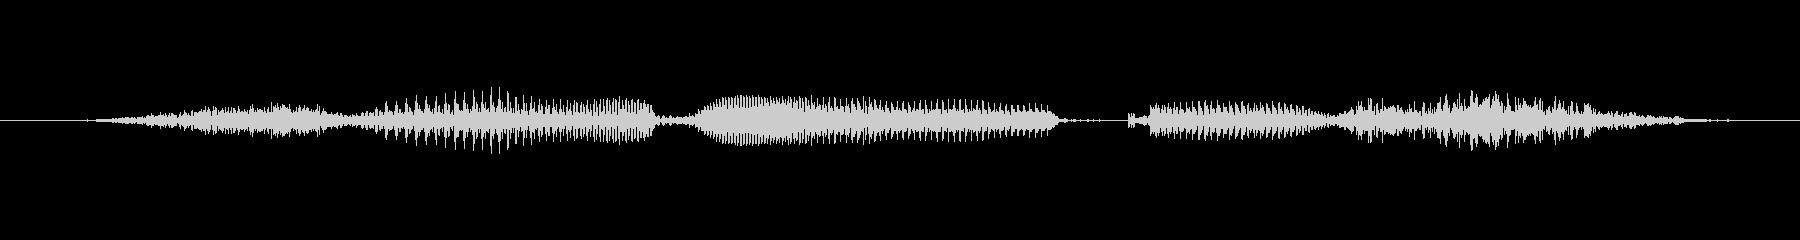 終了です(低め女声)の未再生の波形